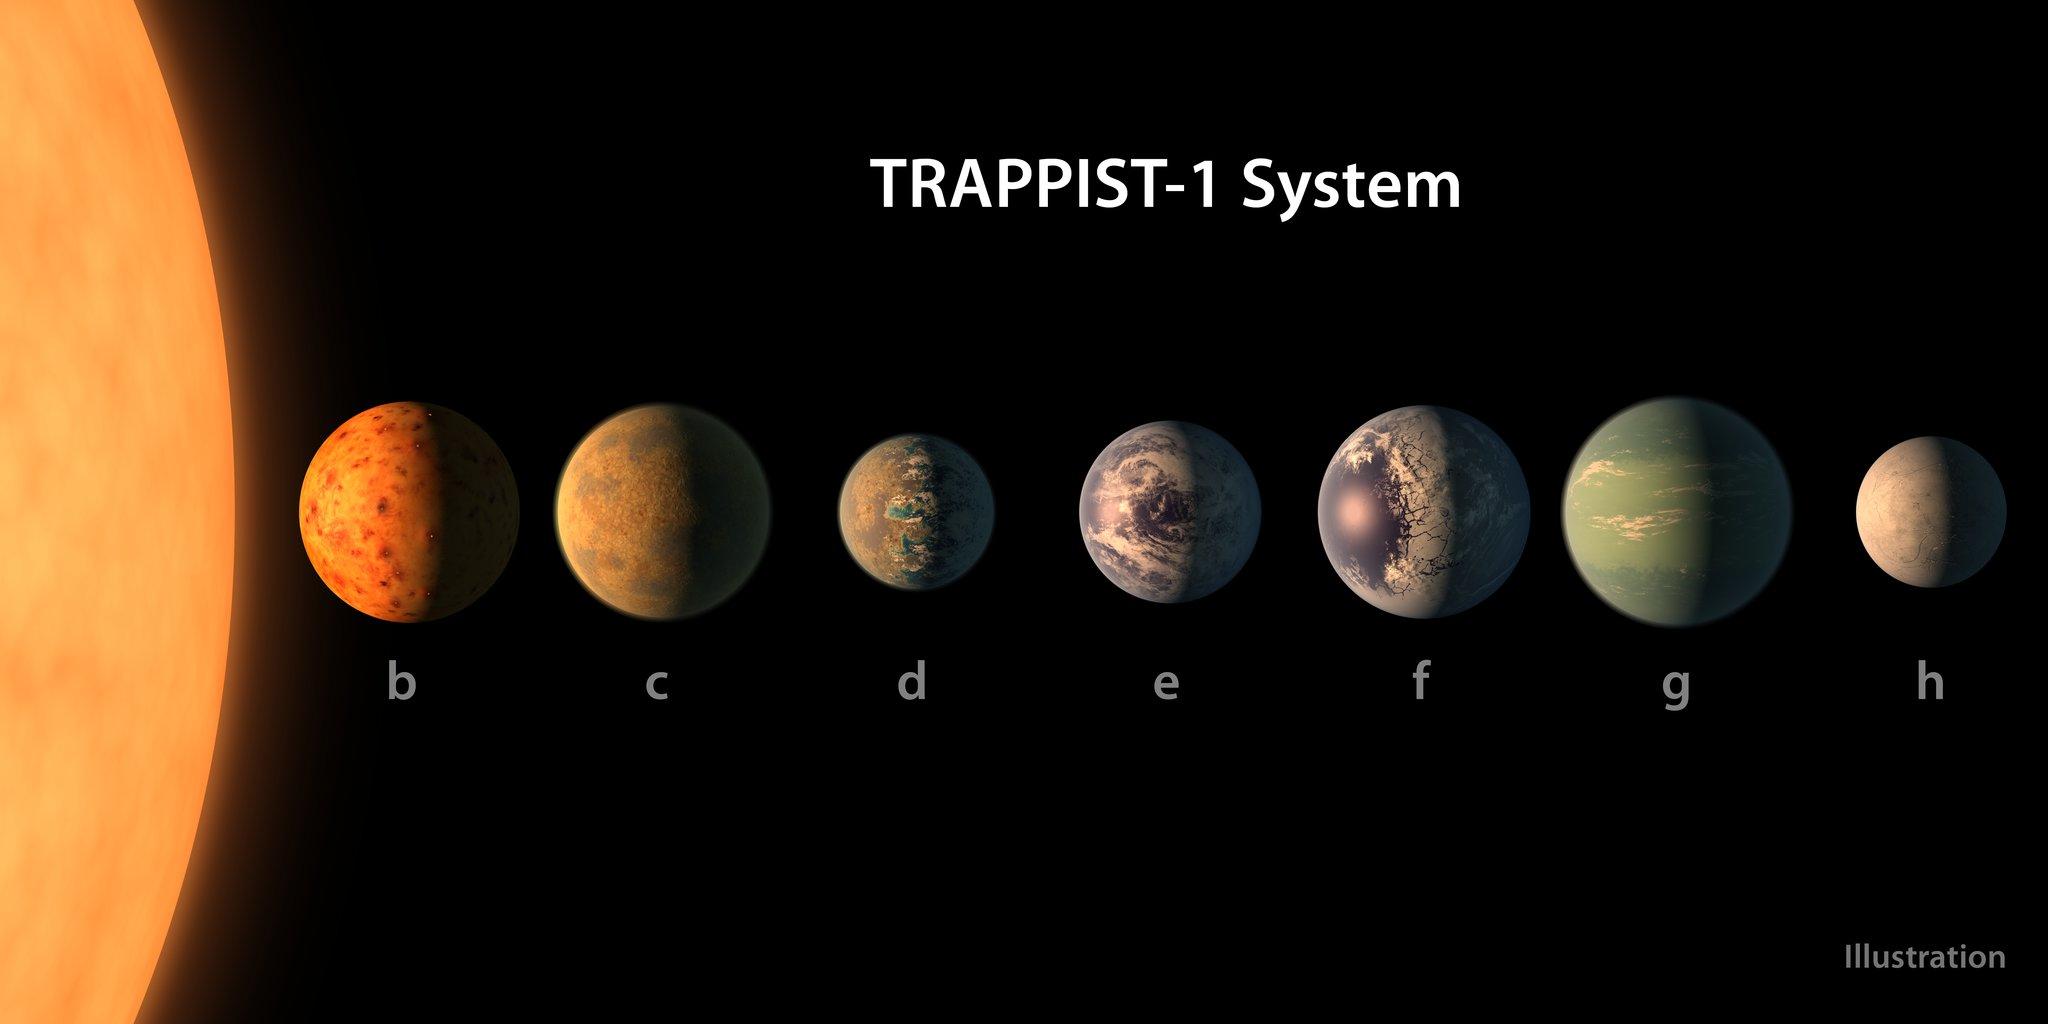 นาซ่าประกาศการค้นพบดาวเคราะห์นอกระบบสุริยะ